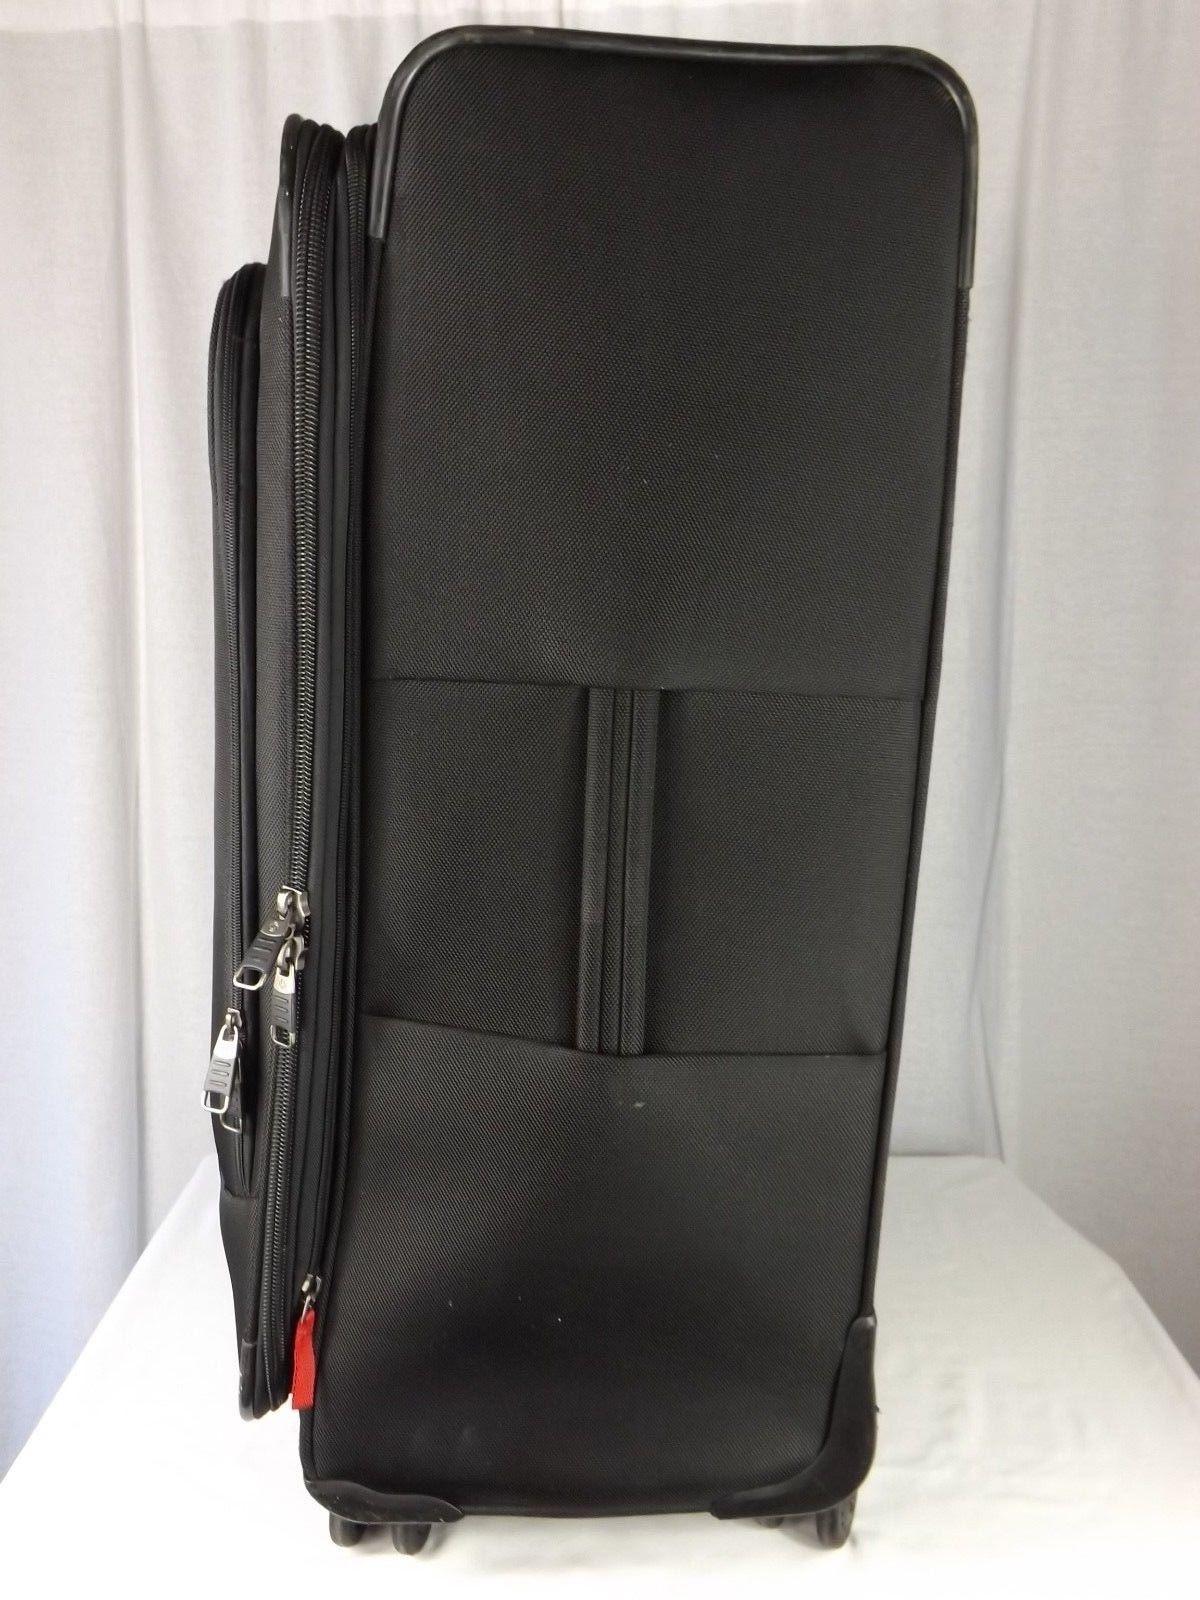 """Samsonite 1910.... 29"""" Expandable Spinner Upright Suitcase Luggage - Black image 3"""